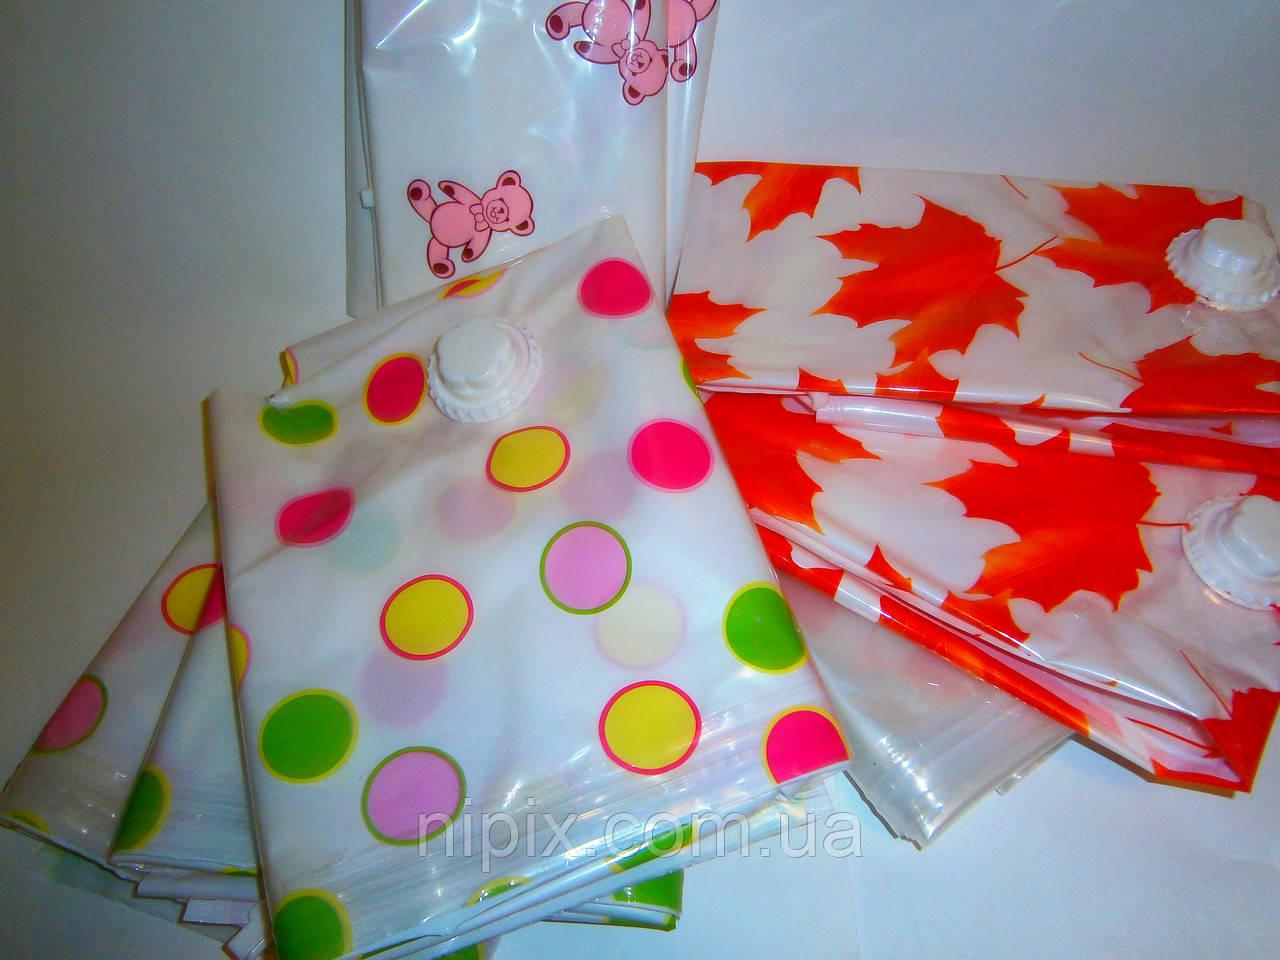 Набор вакуумных пакетов для хранения одежды Vacuum Bags 7 штук в комплекте